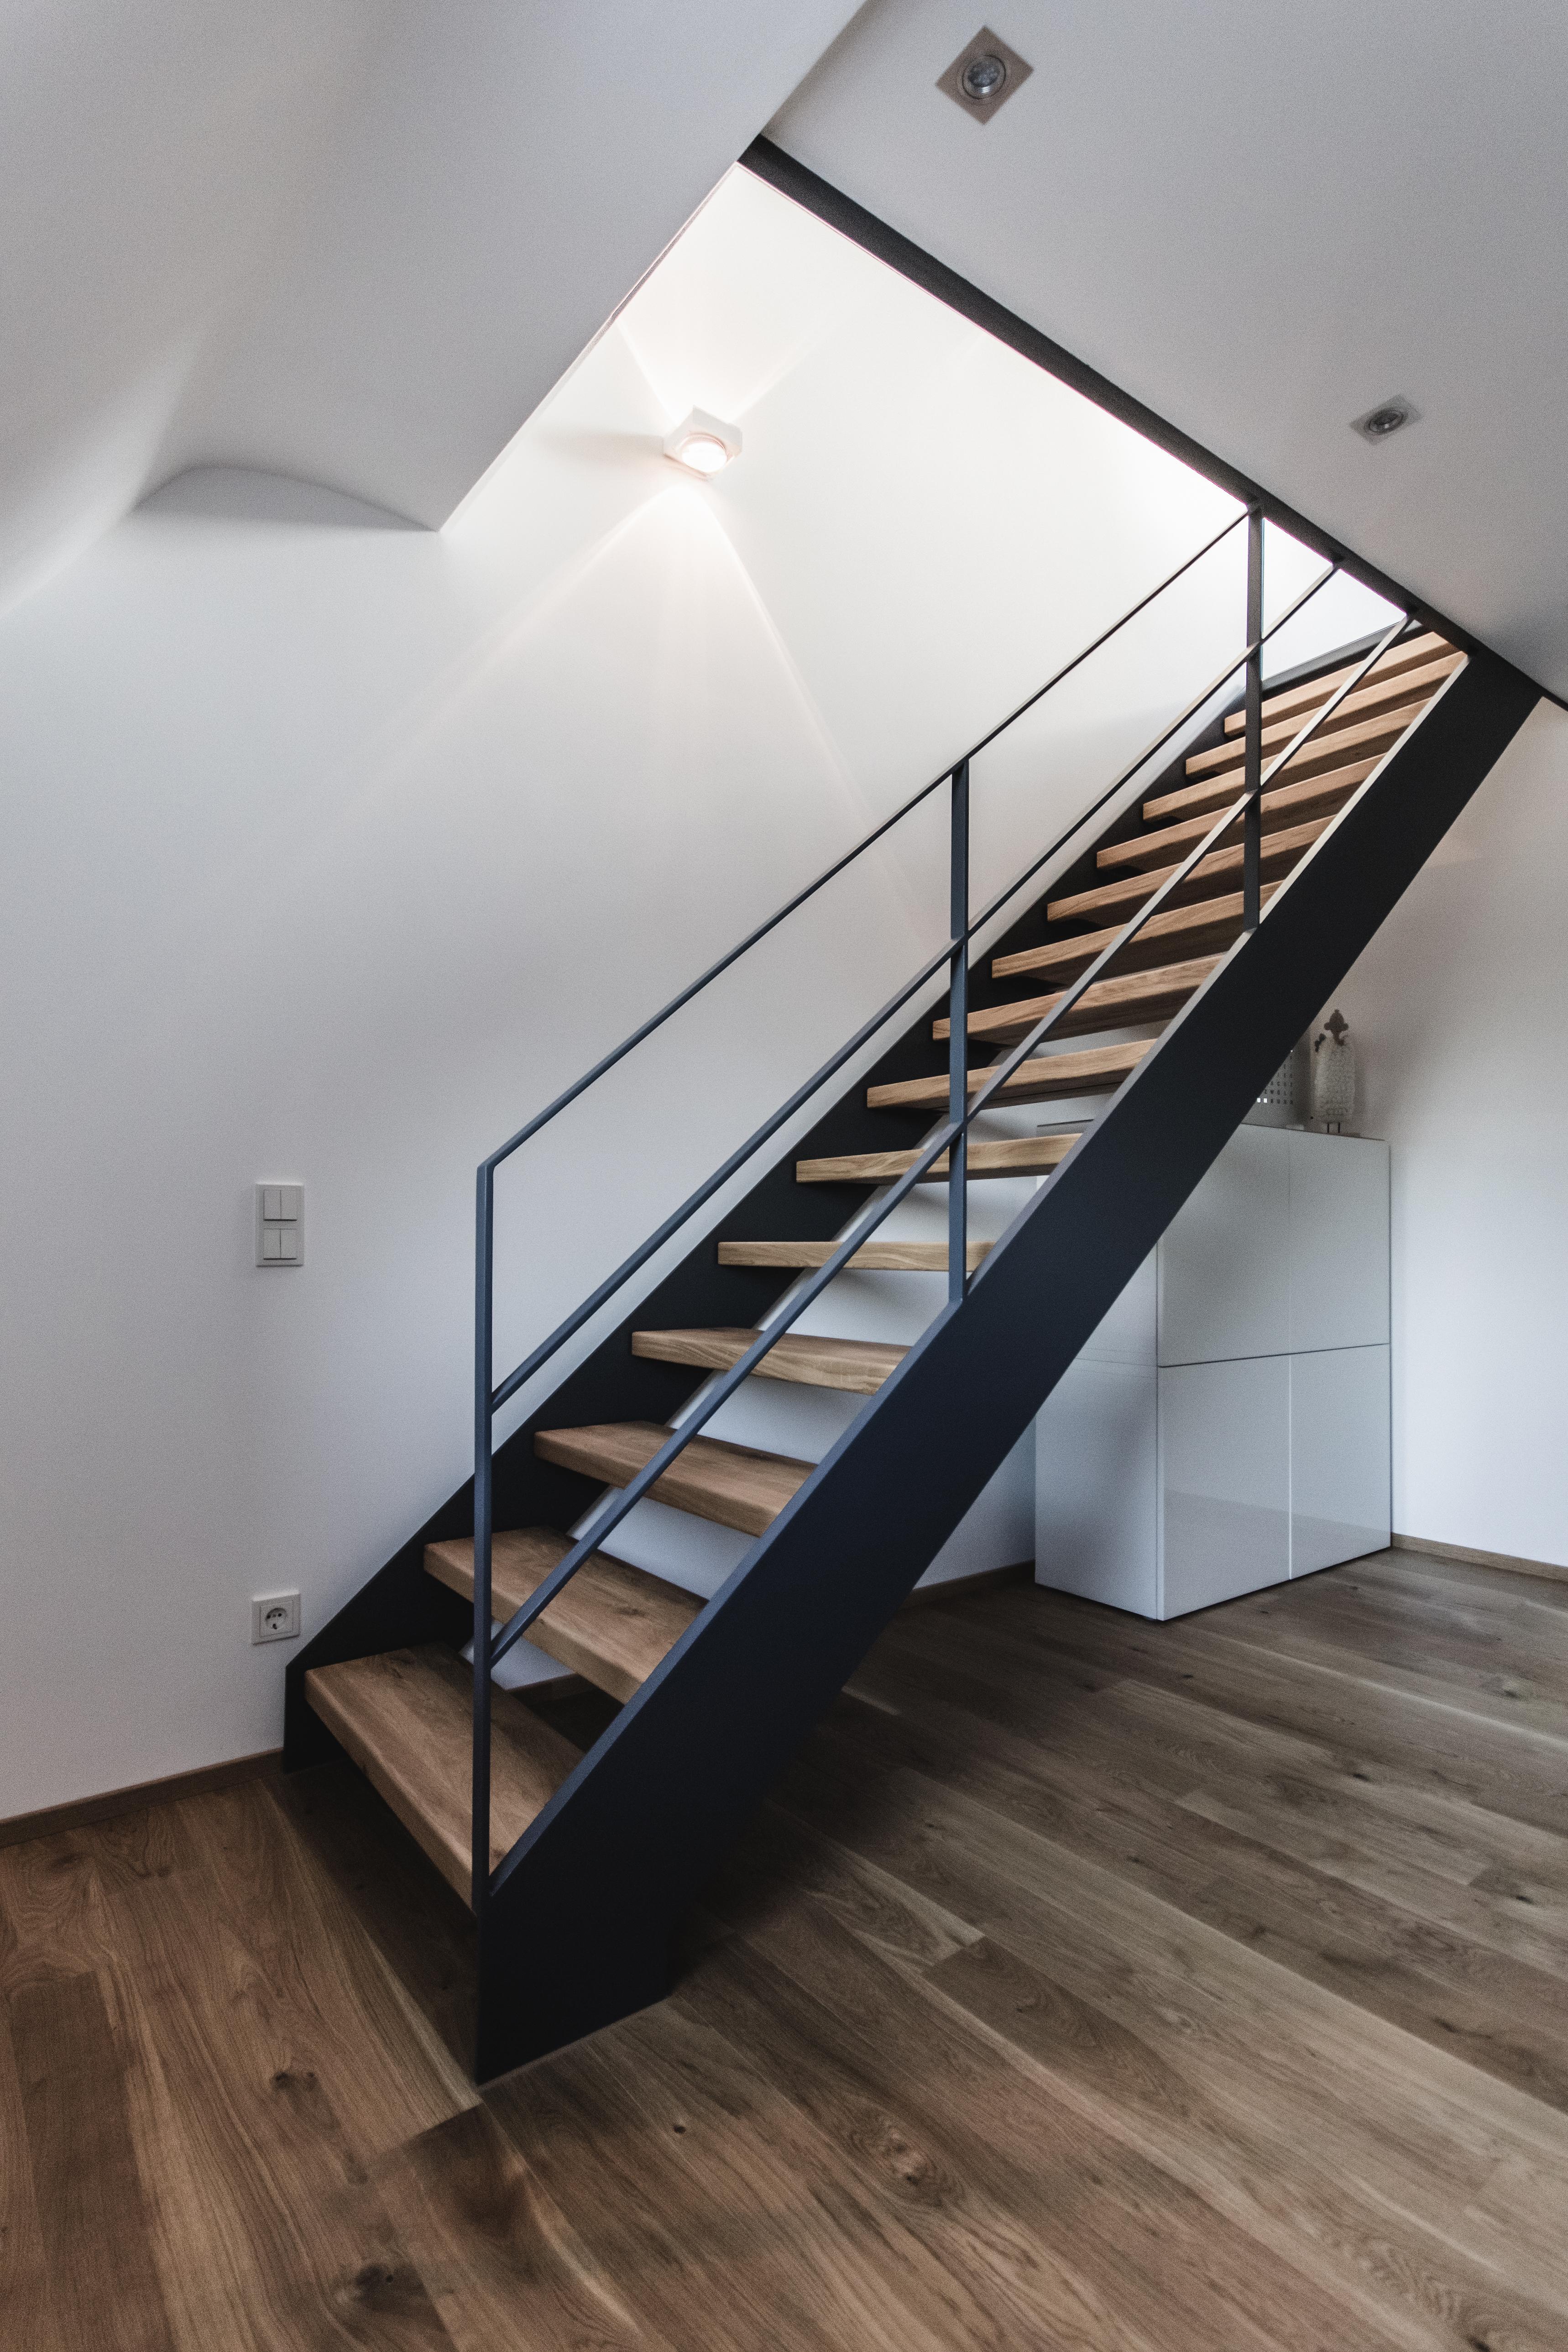 Stahlinnentreppen Wohnung - Saarbrücken